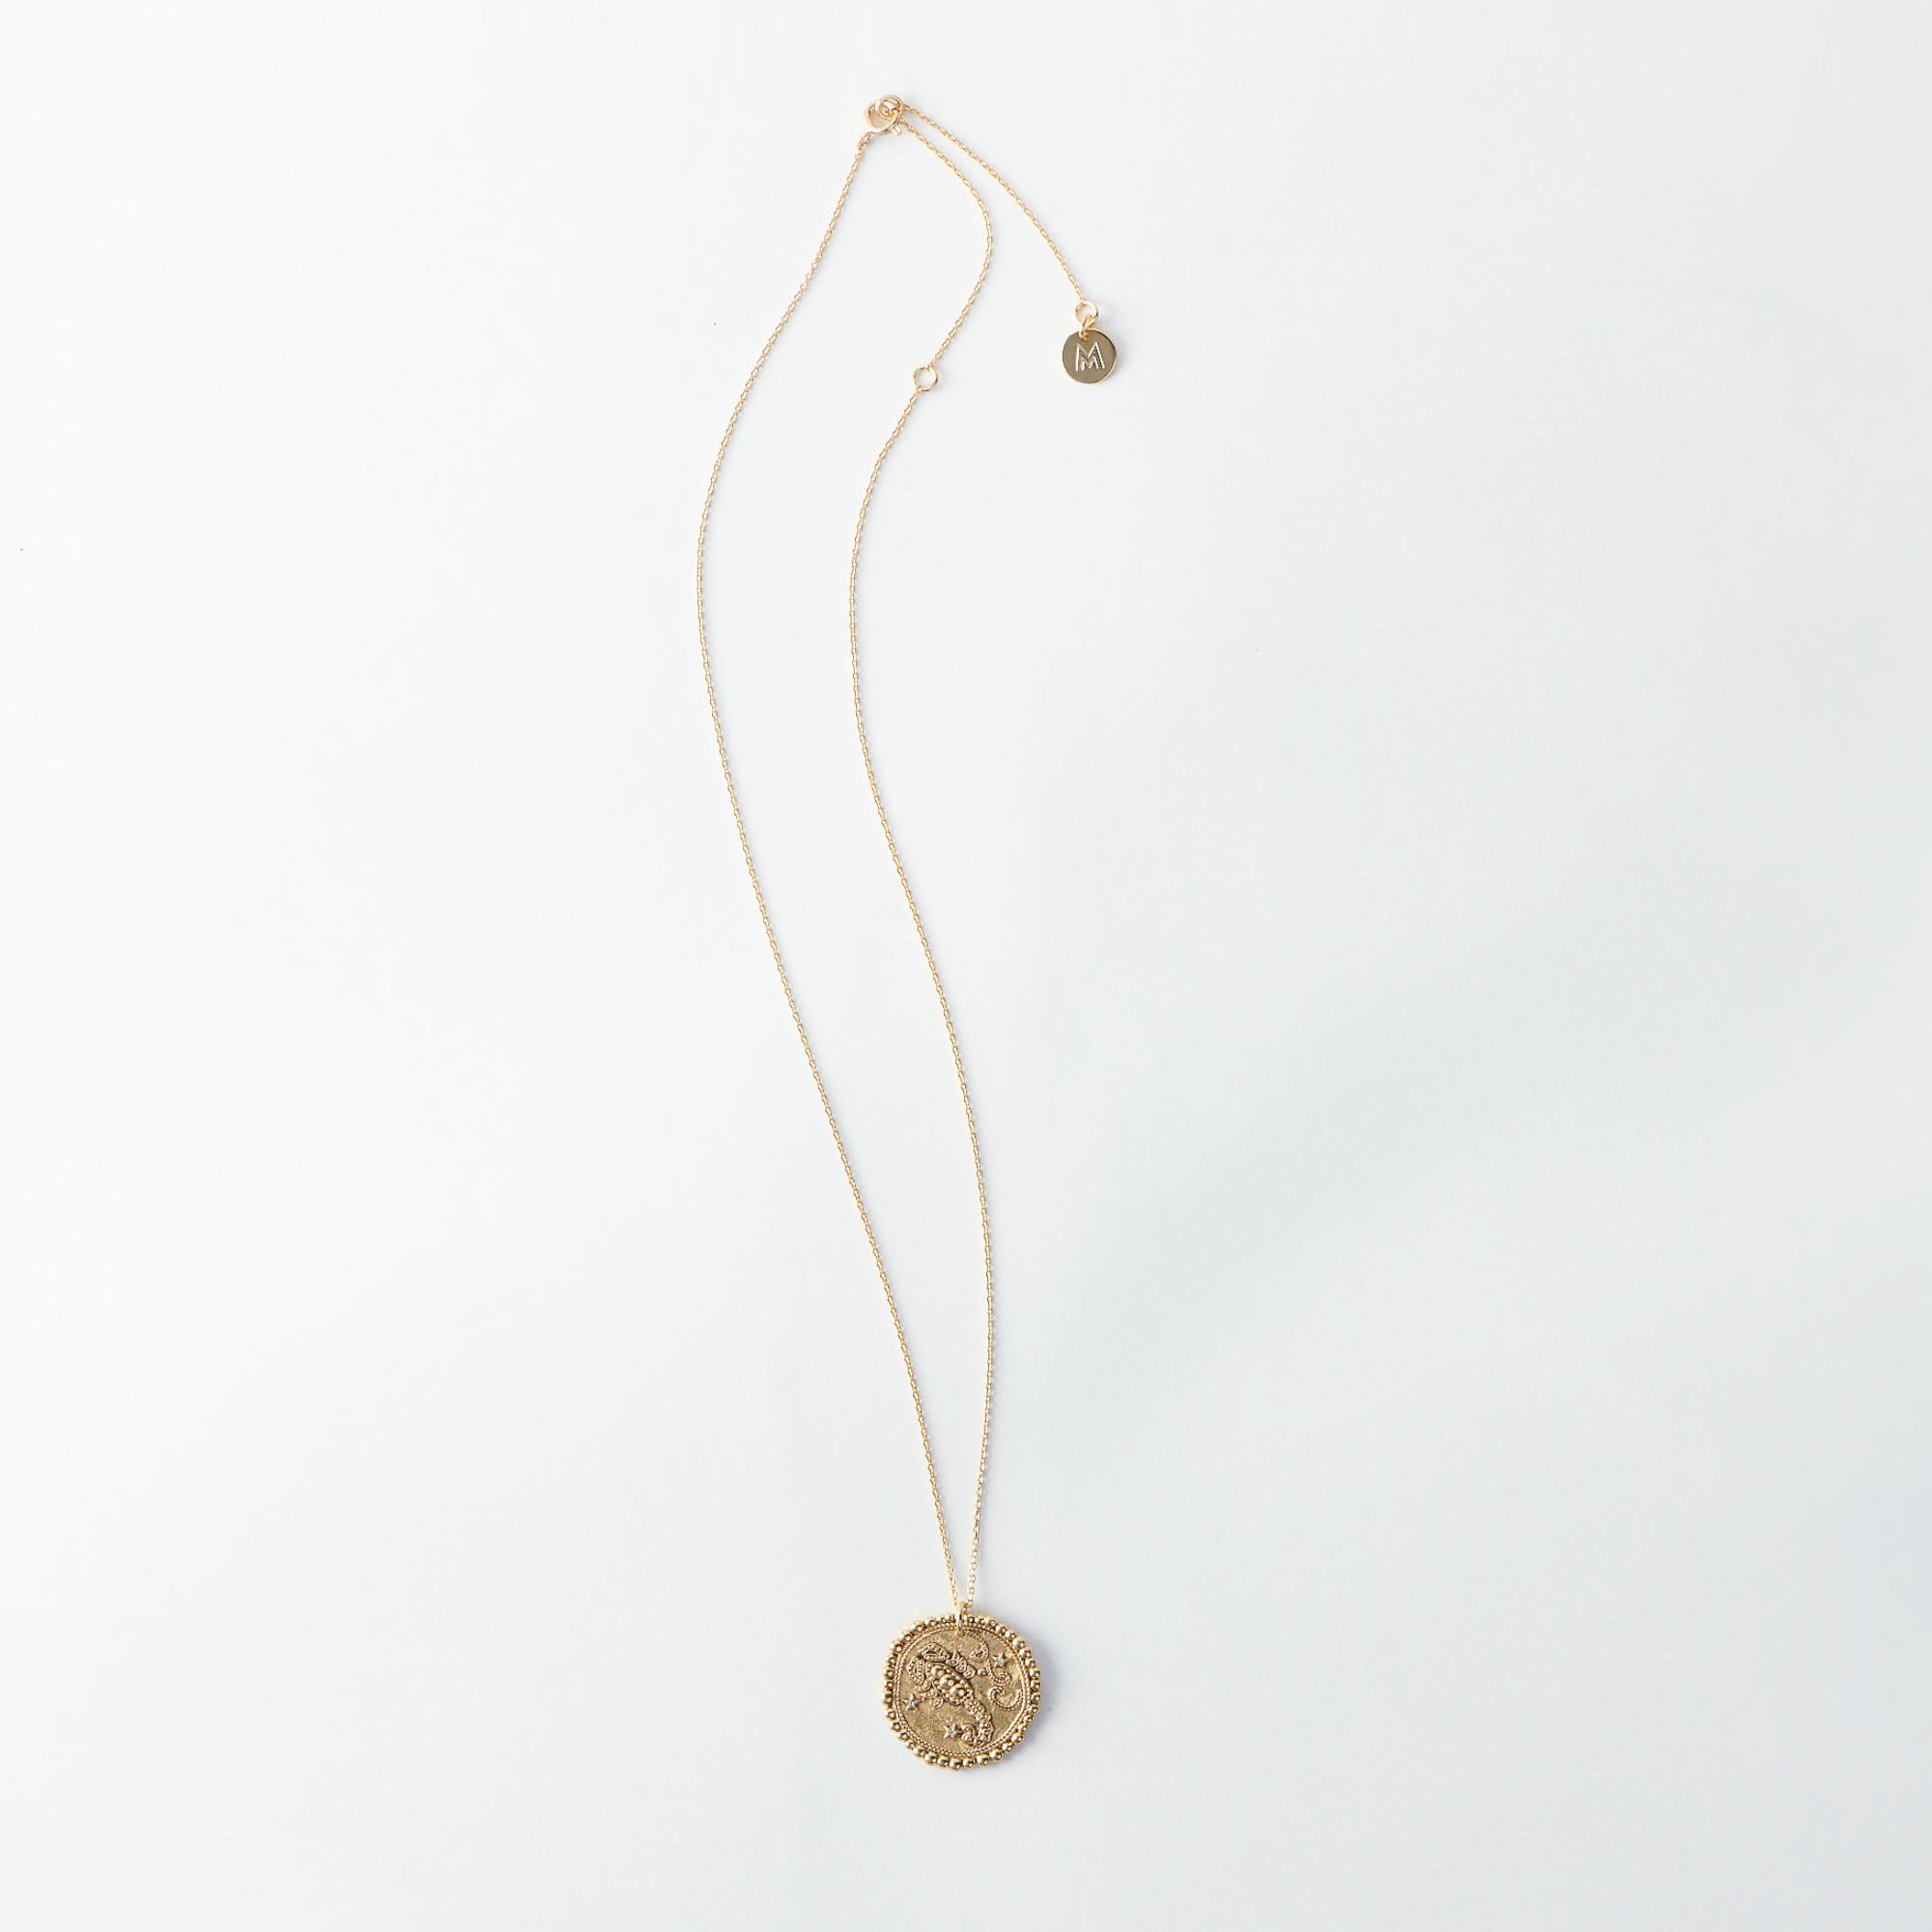 Scorpio Zodiac Necklace - Gold